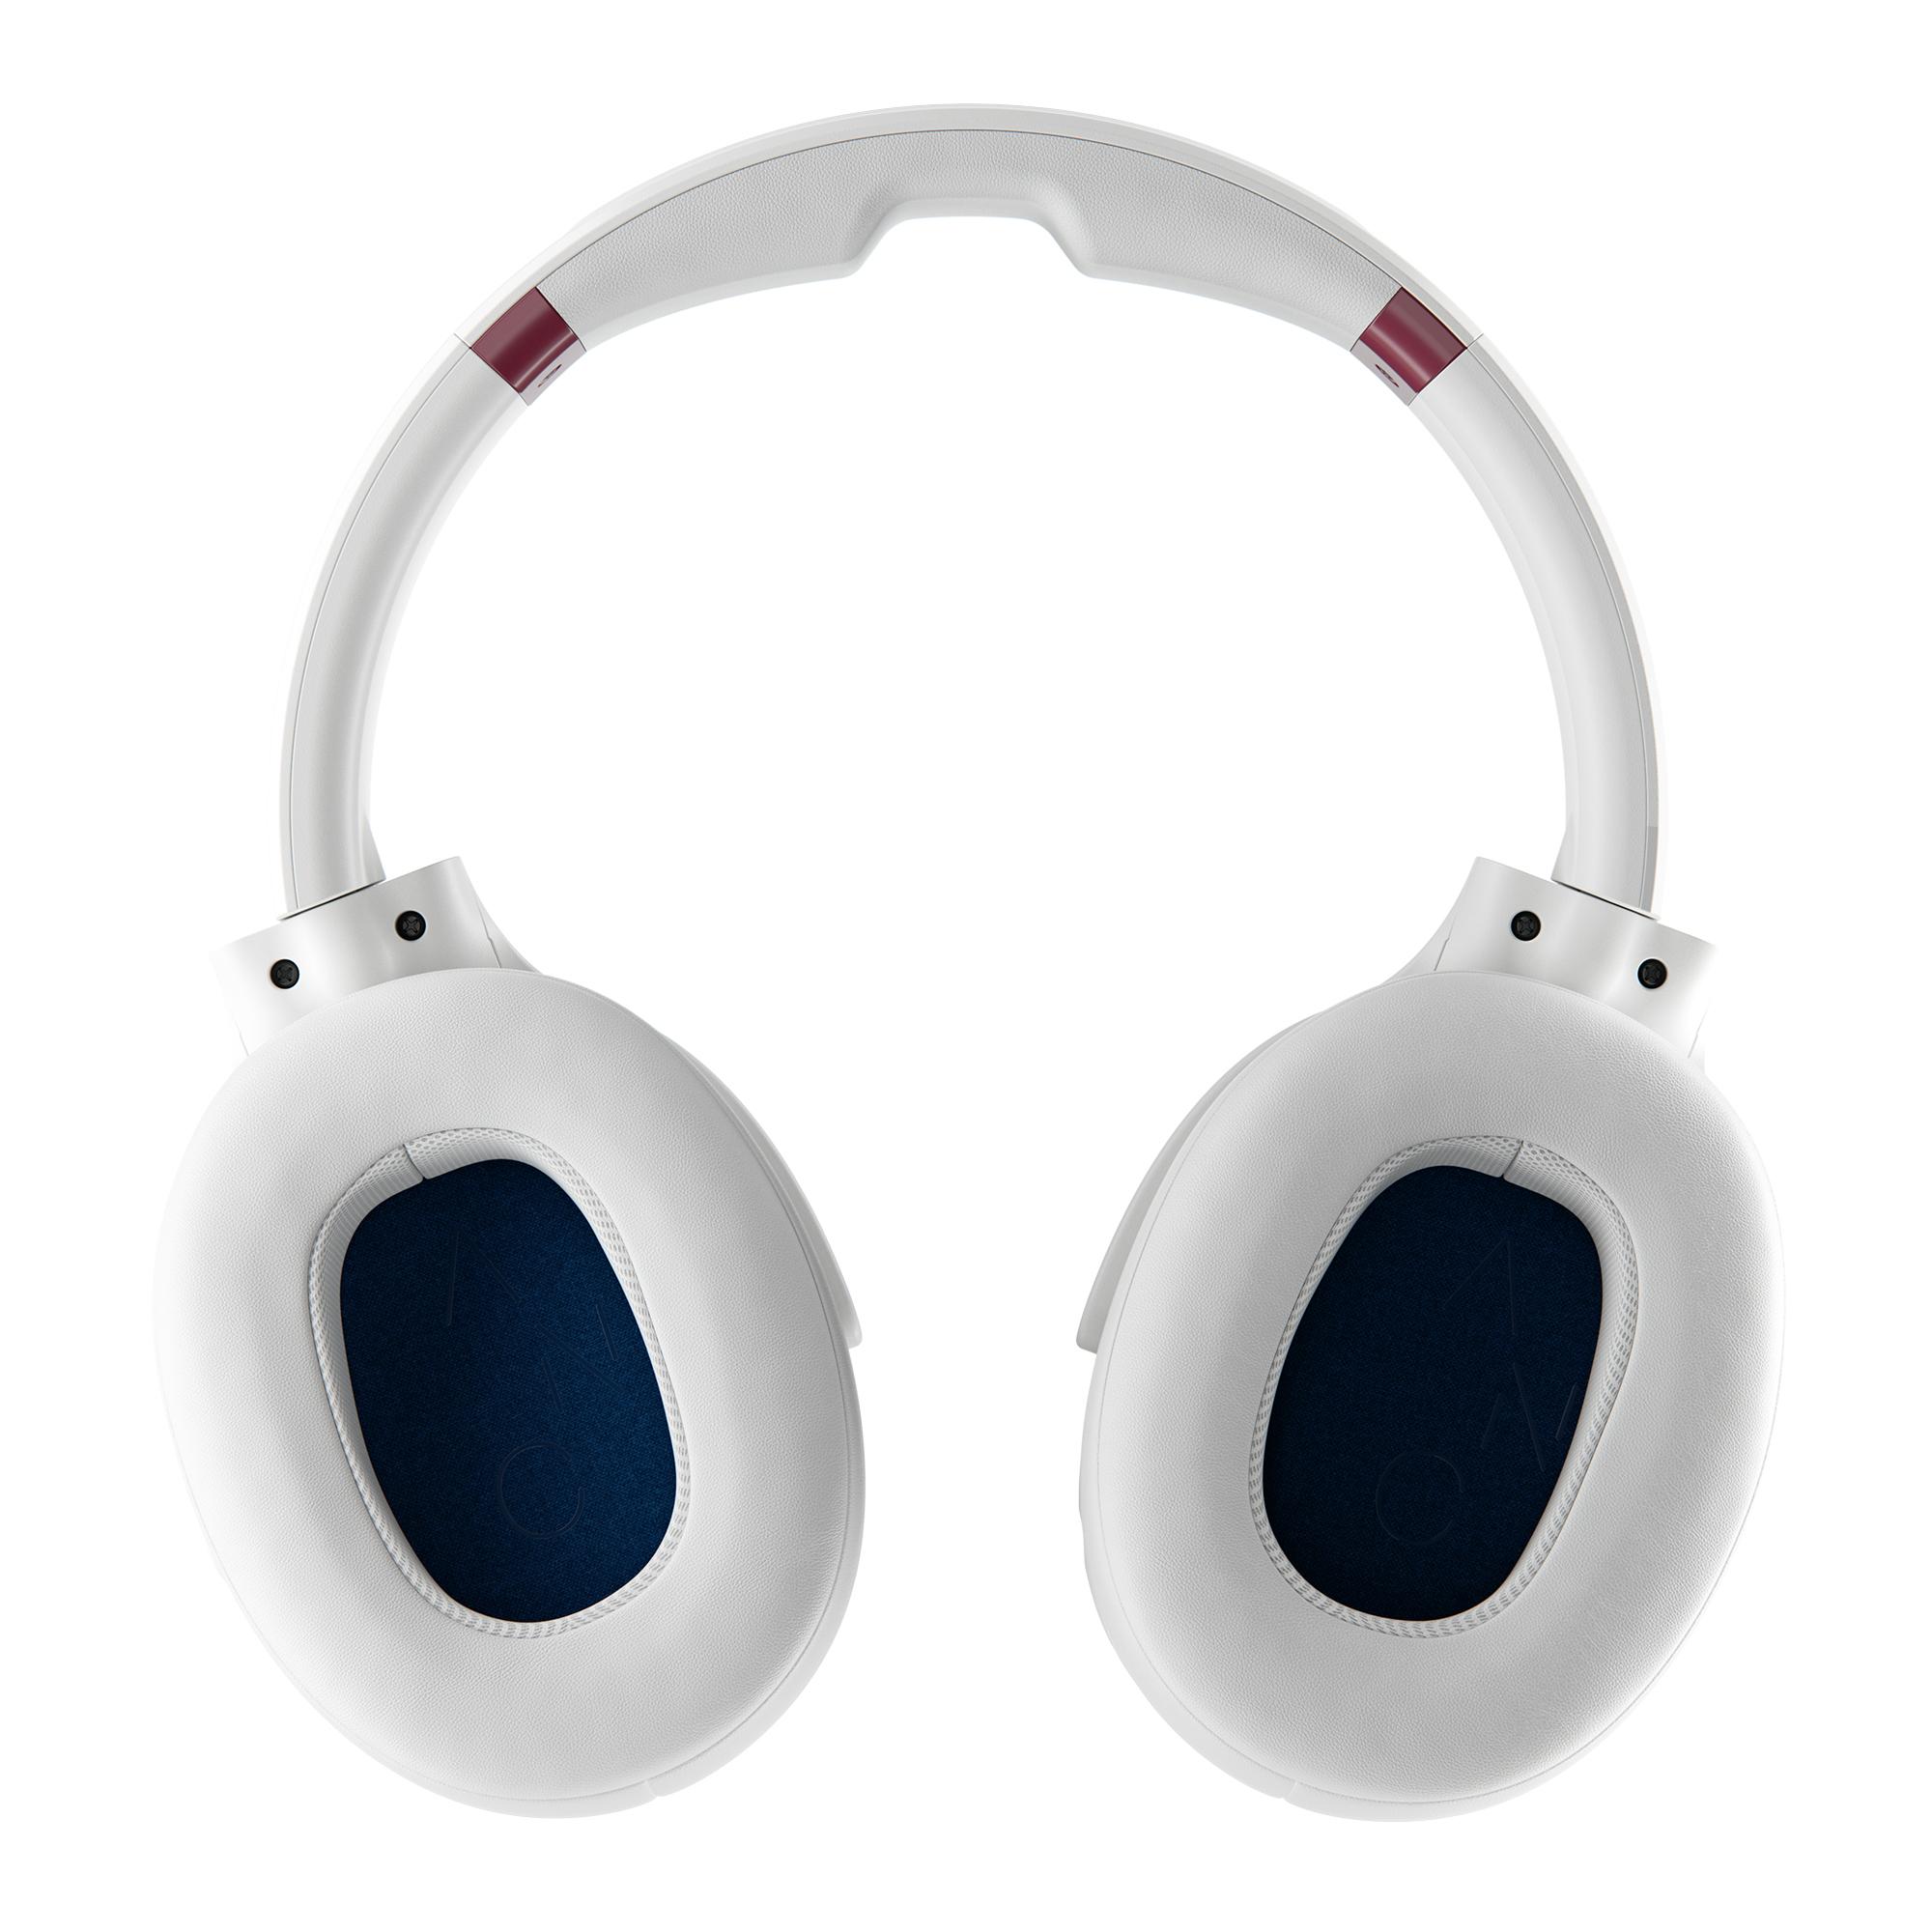 Tai Nghe Chụp Tai Skullcandy Venue Noise Canceling Wireless - Hàng Chính Hãng